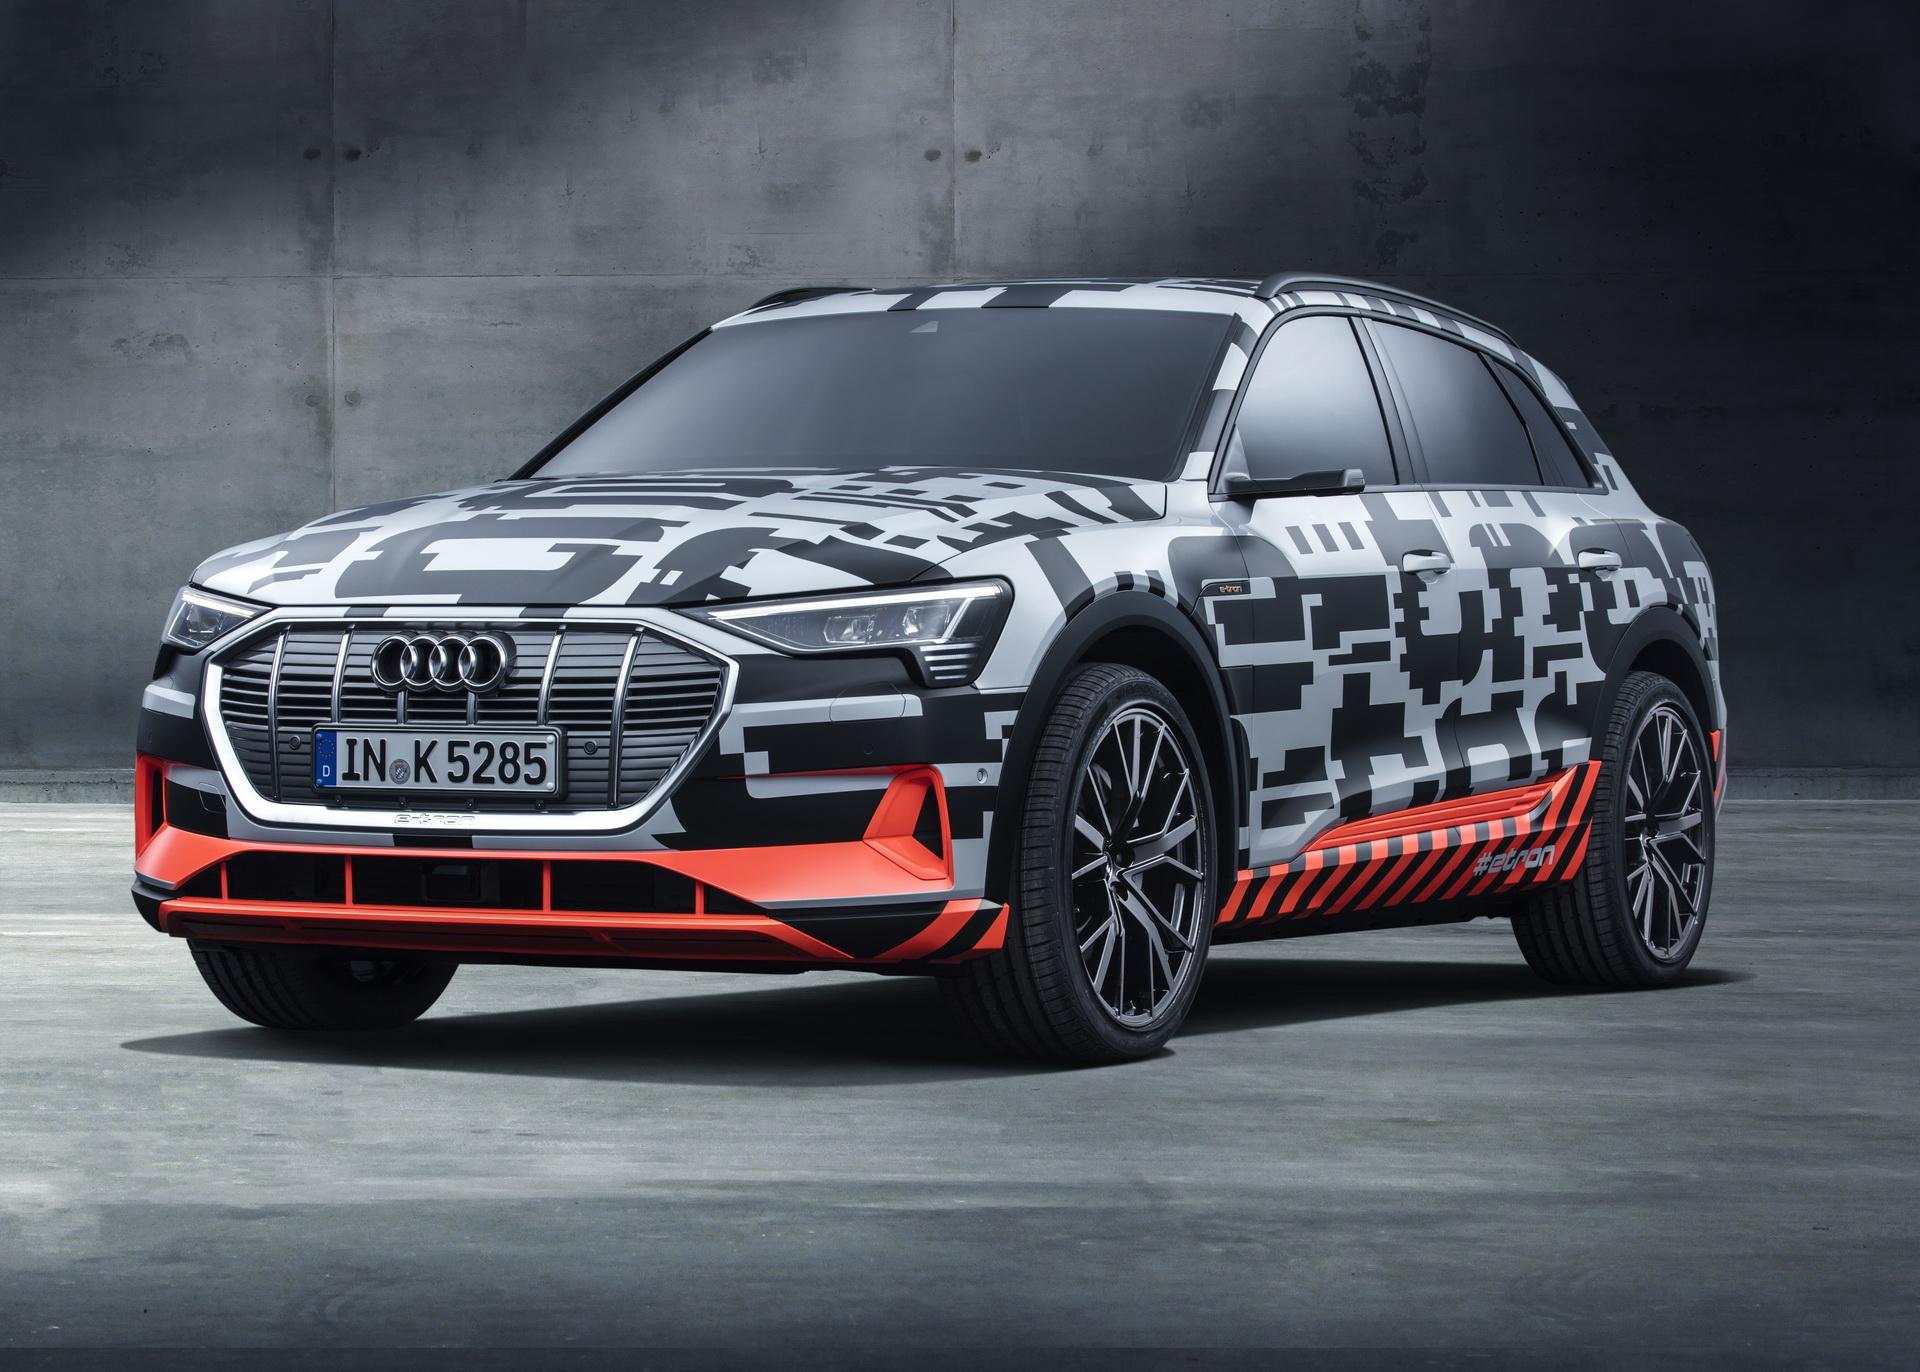 Audi očekuje zaradu od milijardu evra od automobilskog softvera